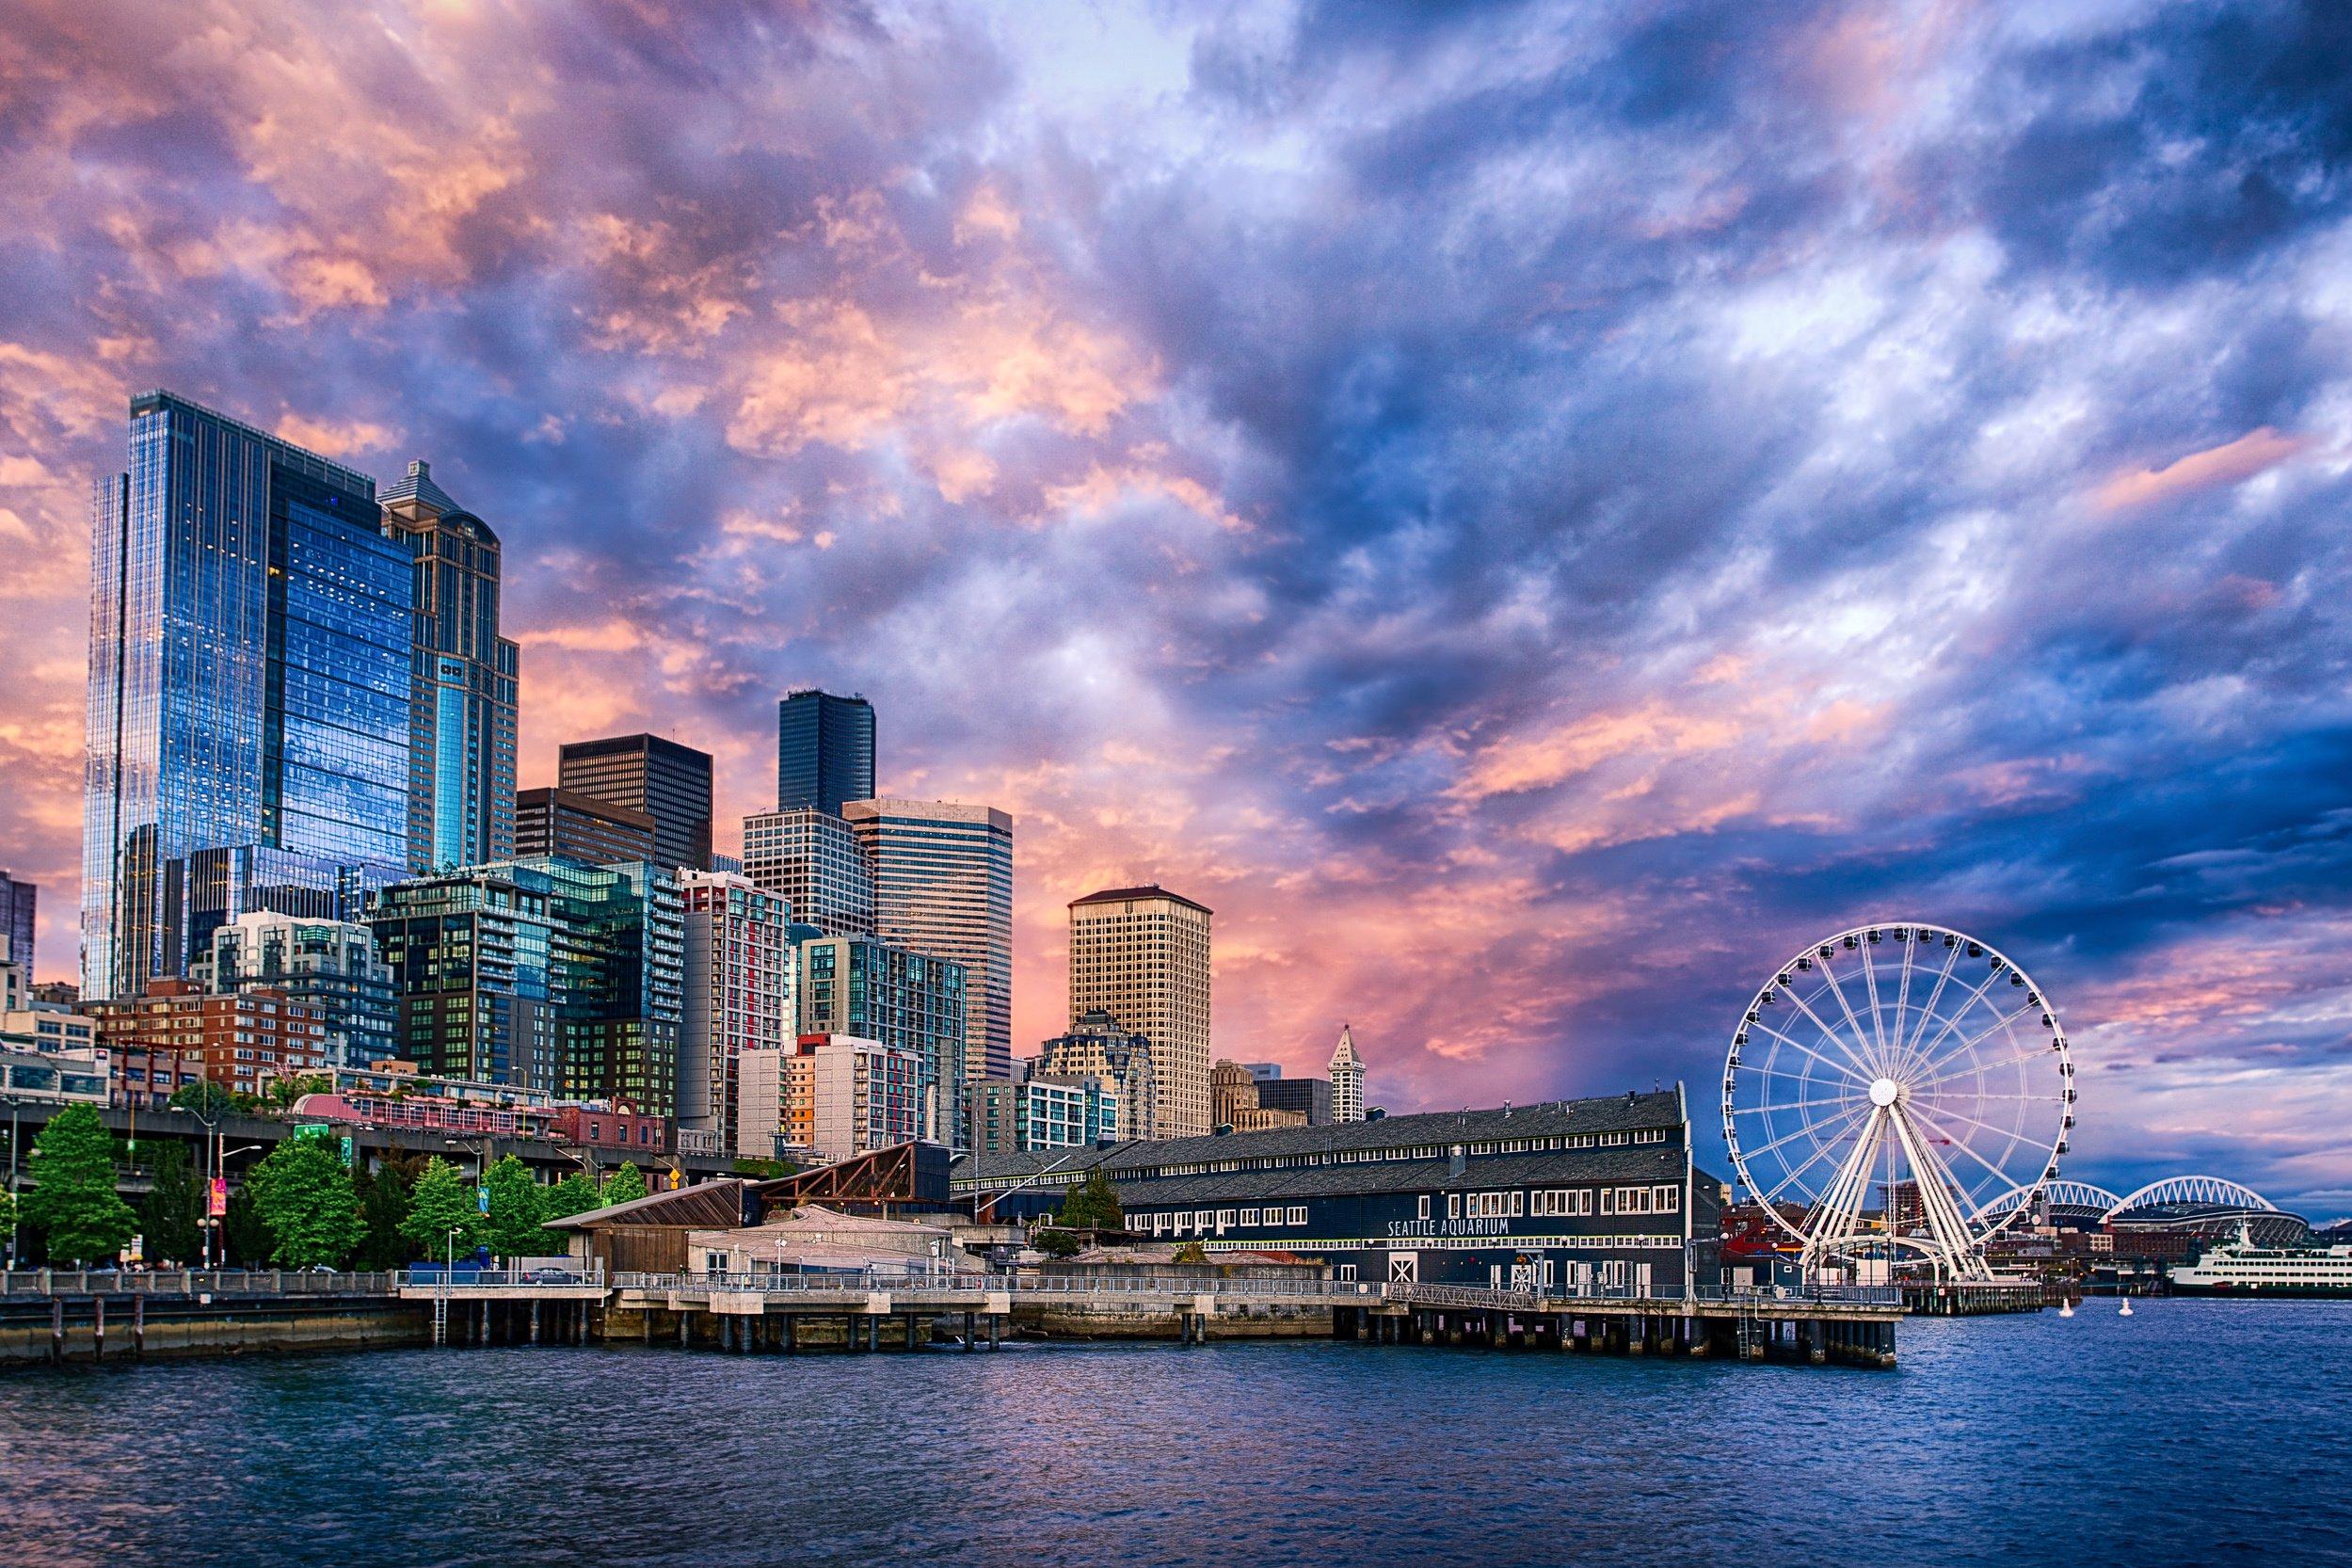 Seattle Ferris Wheel Sunset on wallpaper 2499x1666 291361 2499x1666